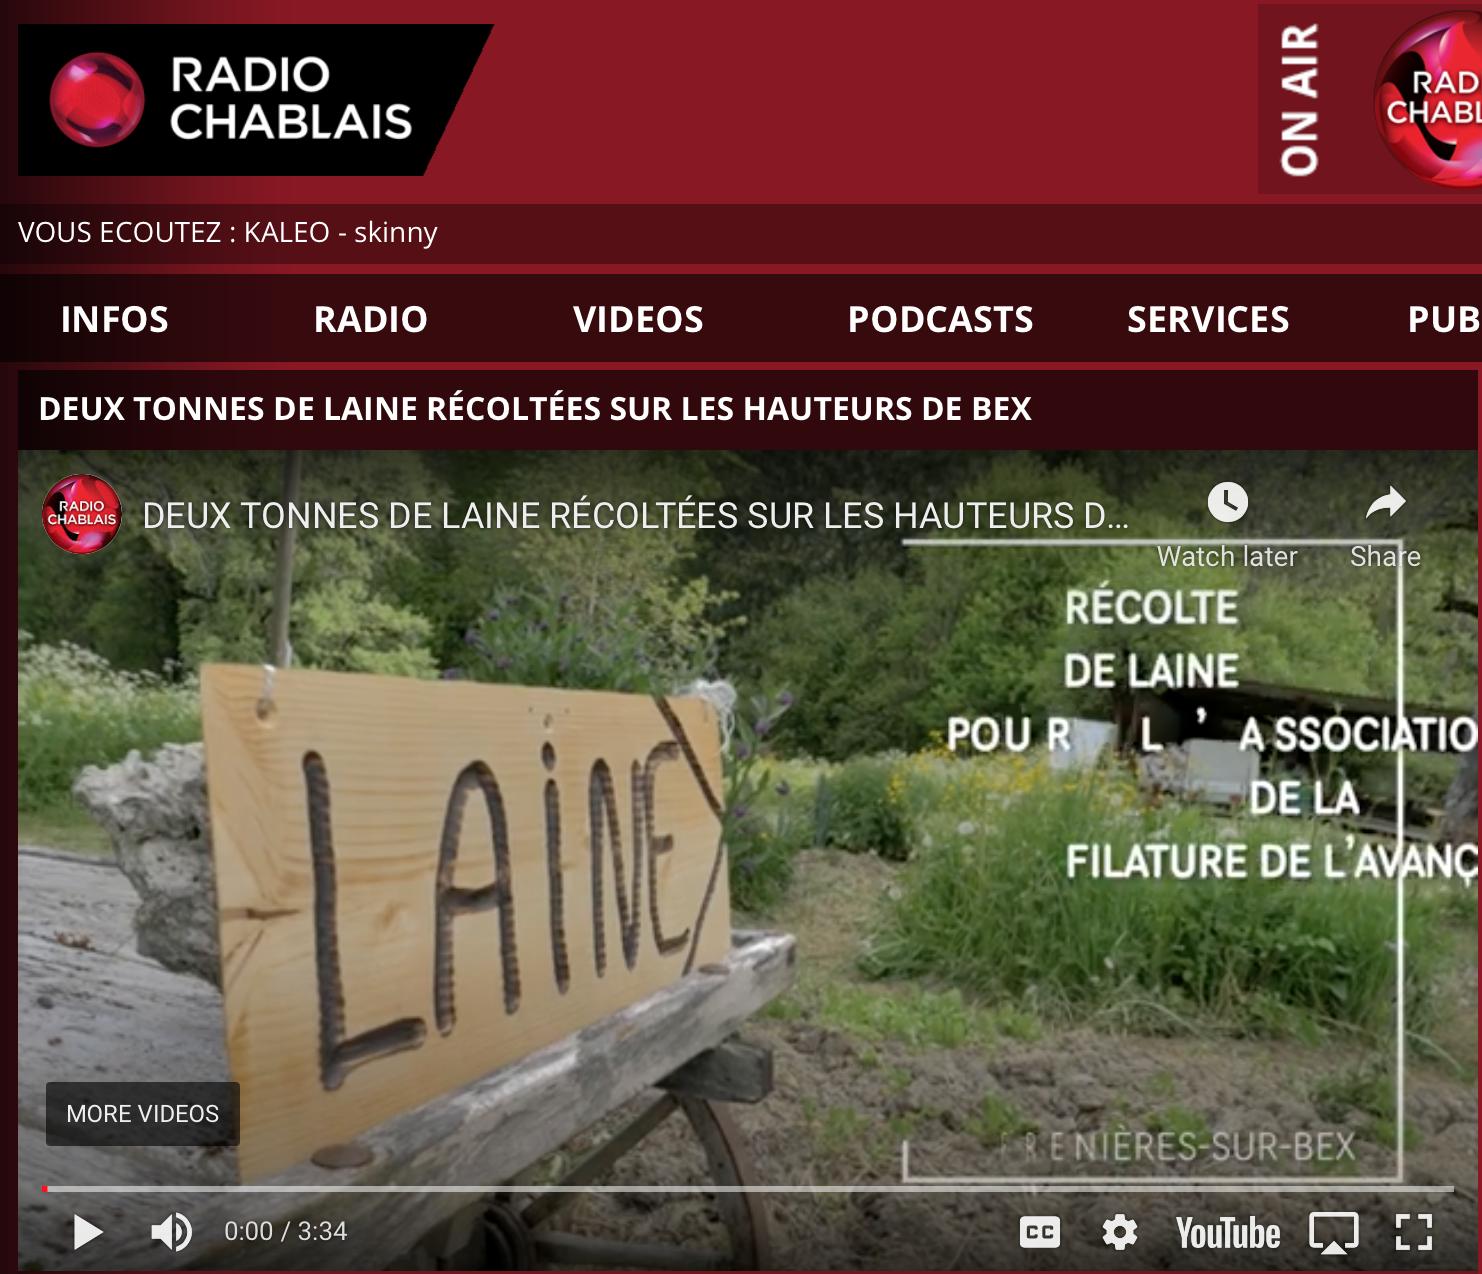 Radio Chablais - DEUX TONNES DE LAINE RÉCOLTÉES SUR LES HAUTEURS DE BEX